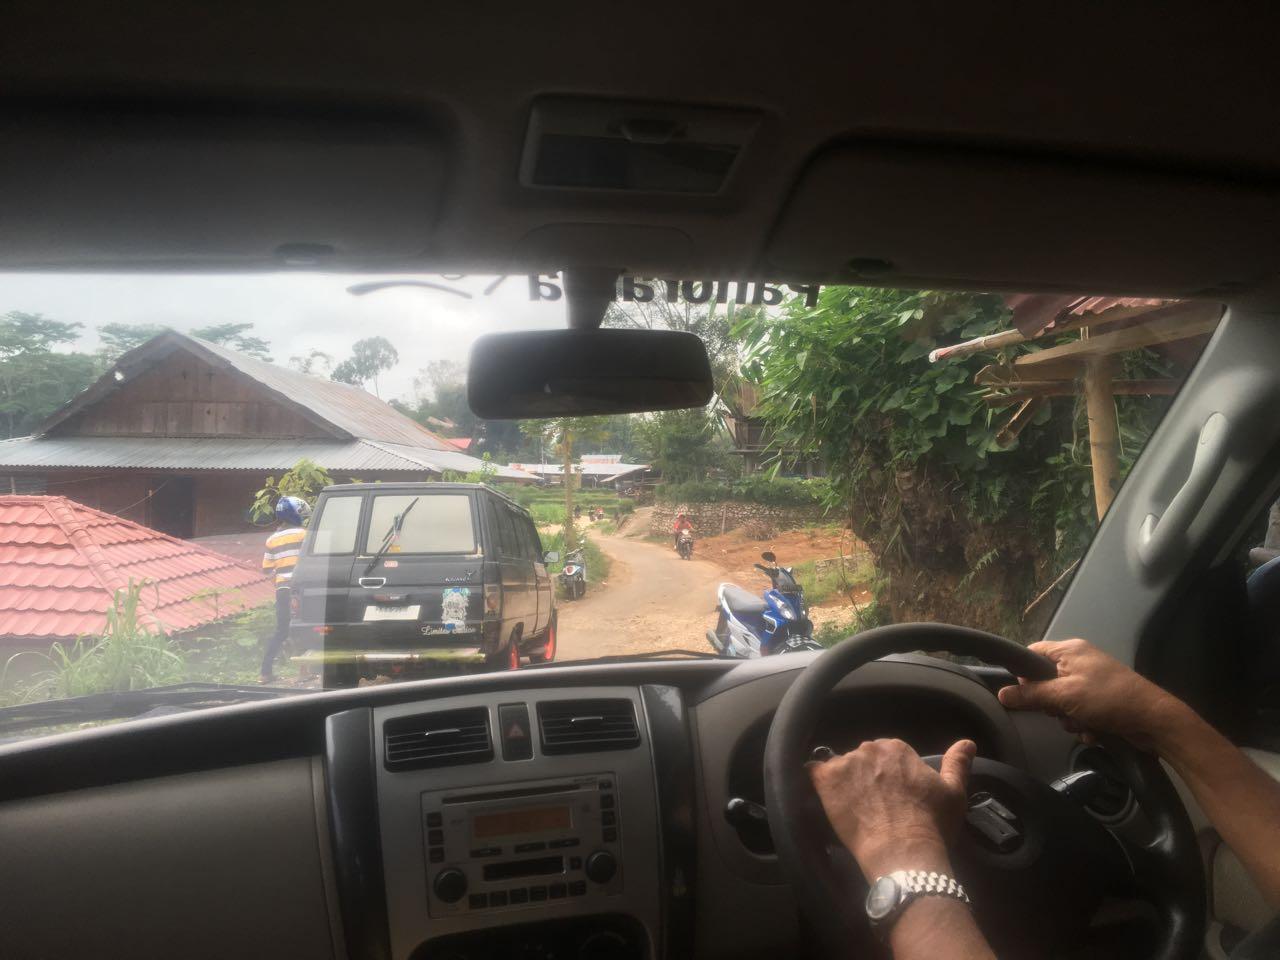 Klassische Handhaltung beim Autofahren in Indonesien